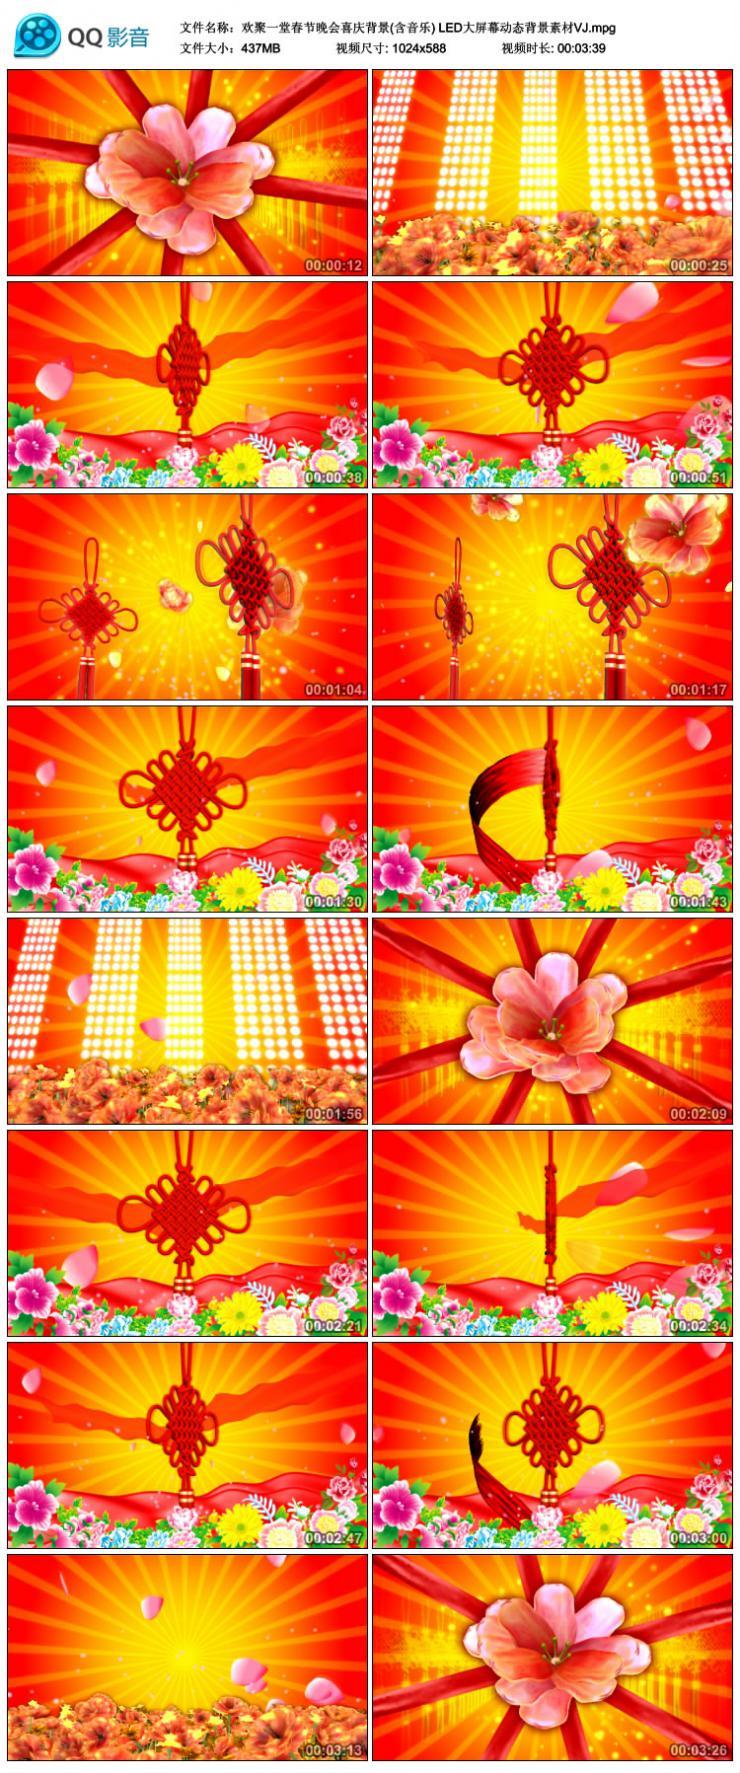 欢聚一堂春节晚会喜庆背景LED大屏幕动态背景素材VJ